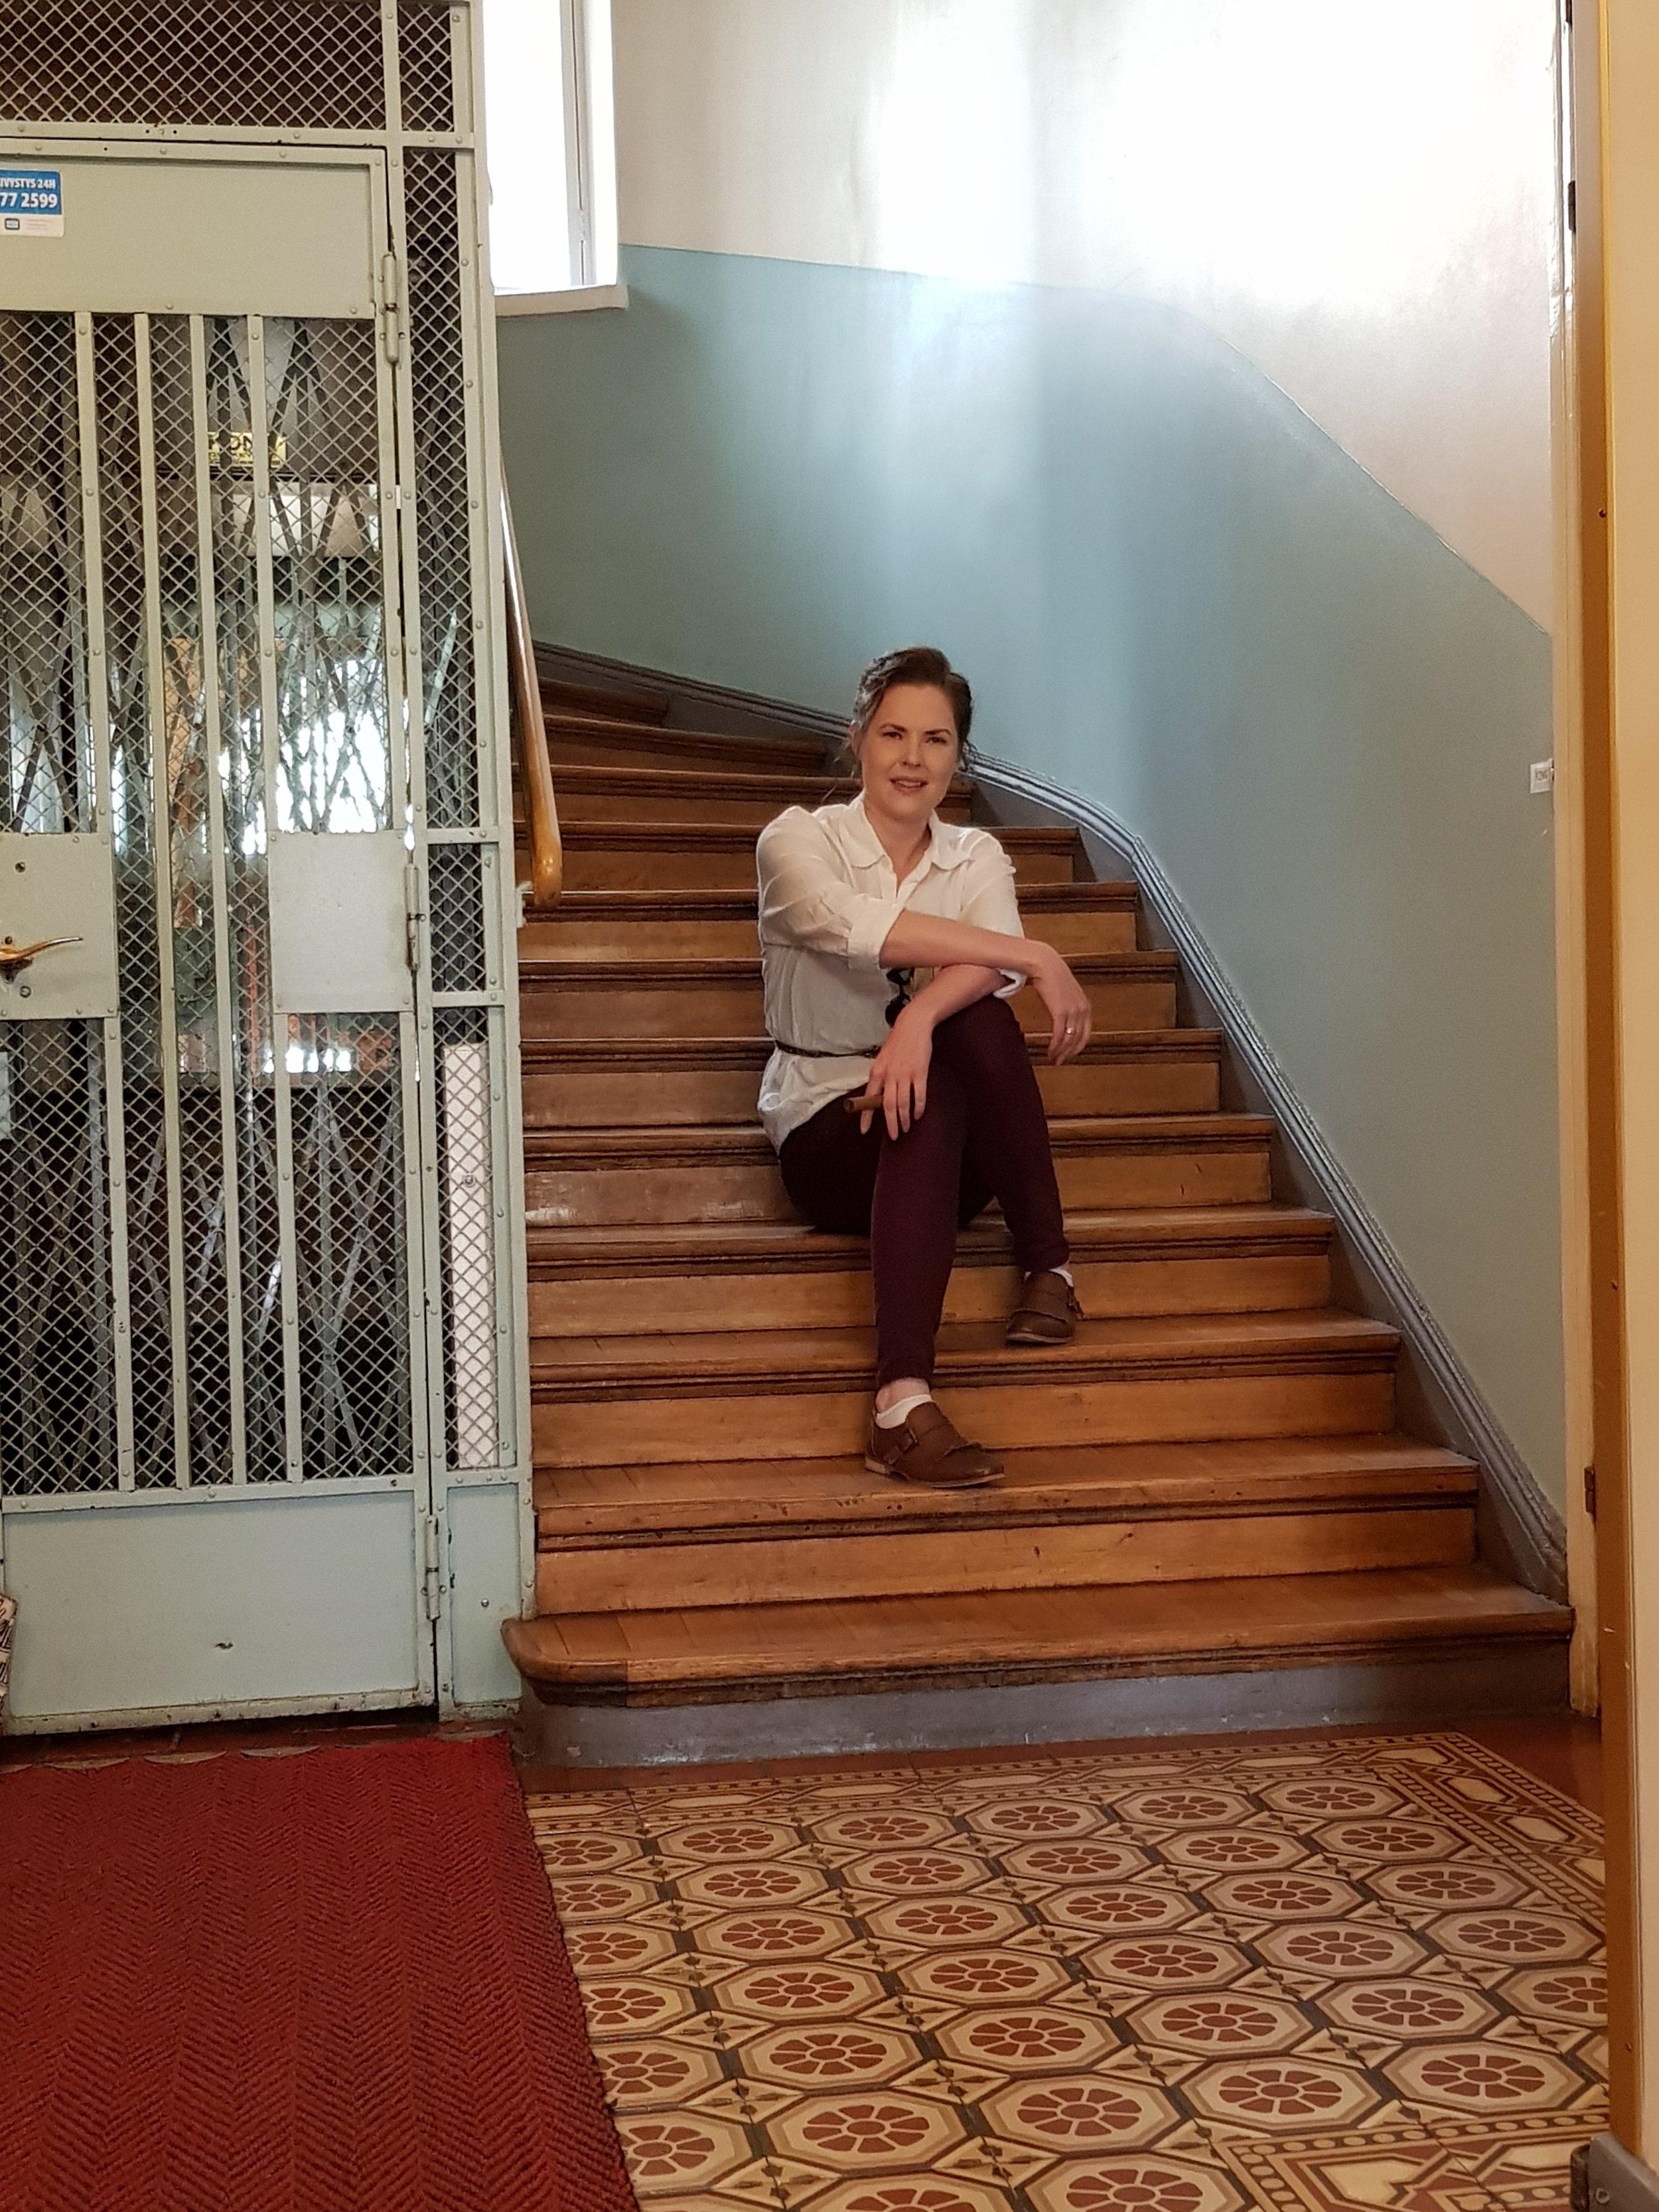 Tämädežurnaja eli aulavahti on asemoitunut porraskäytävään työnsä kannalta taktisesti, jos vaikka alkaisikin väsyttää.